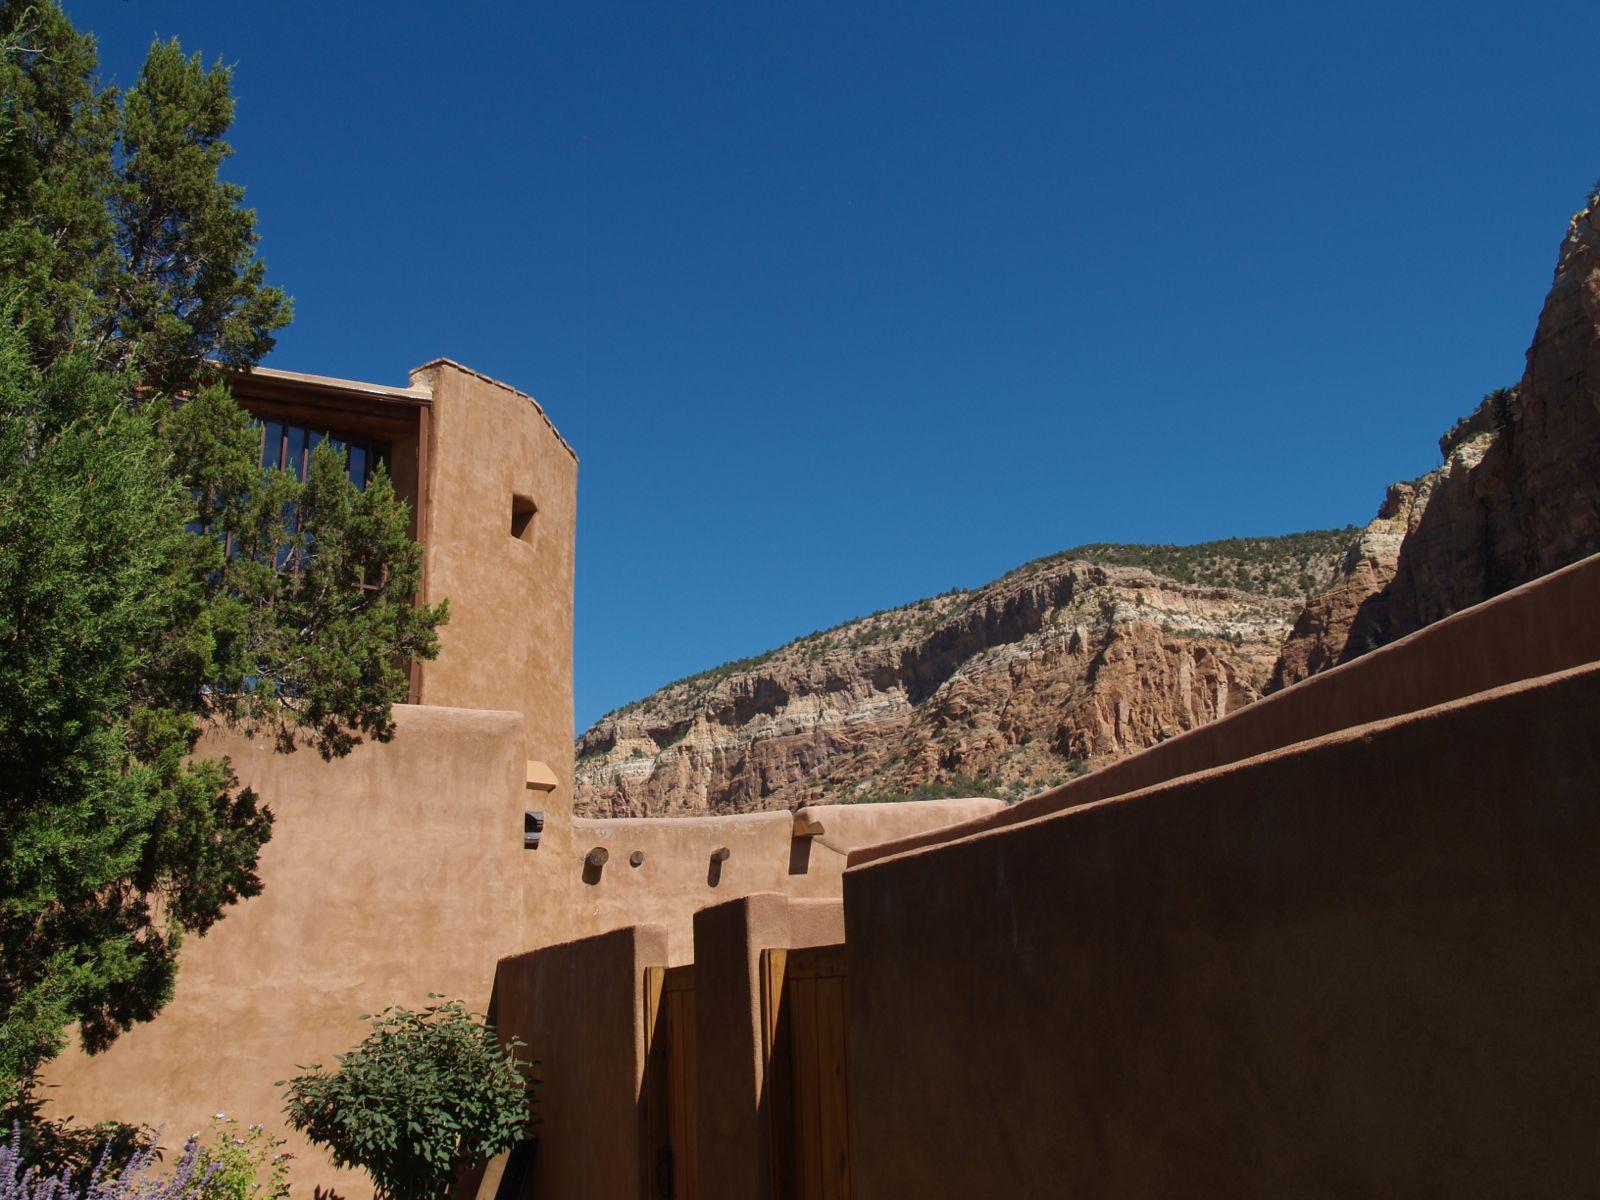 View of Enclosure